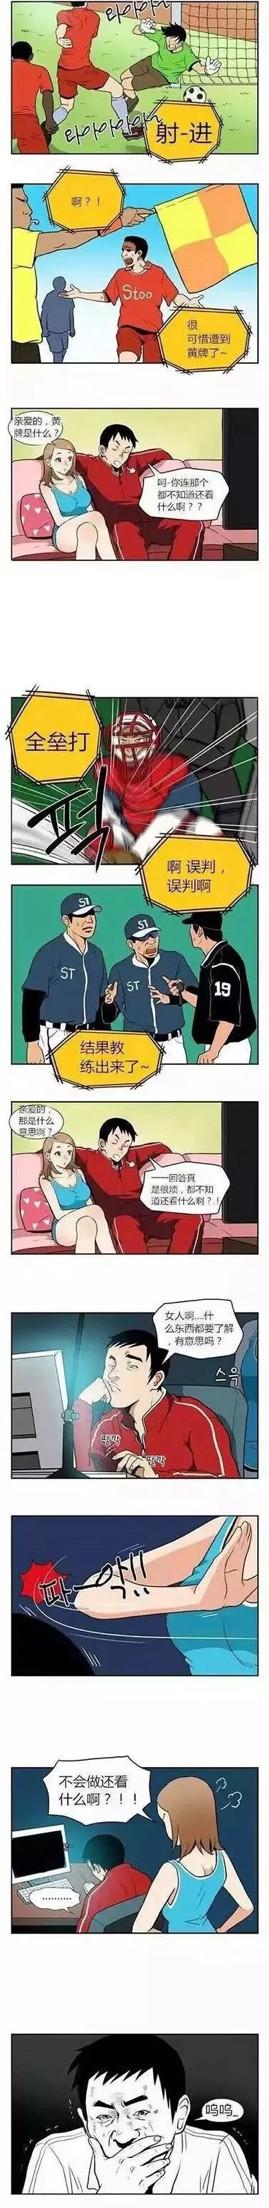 暴走漫画:凭什么肾虚的总是男人?